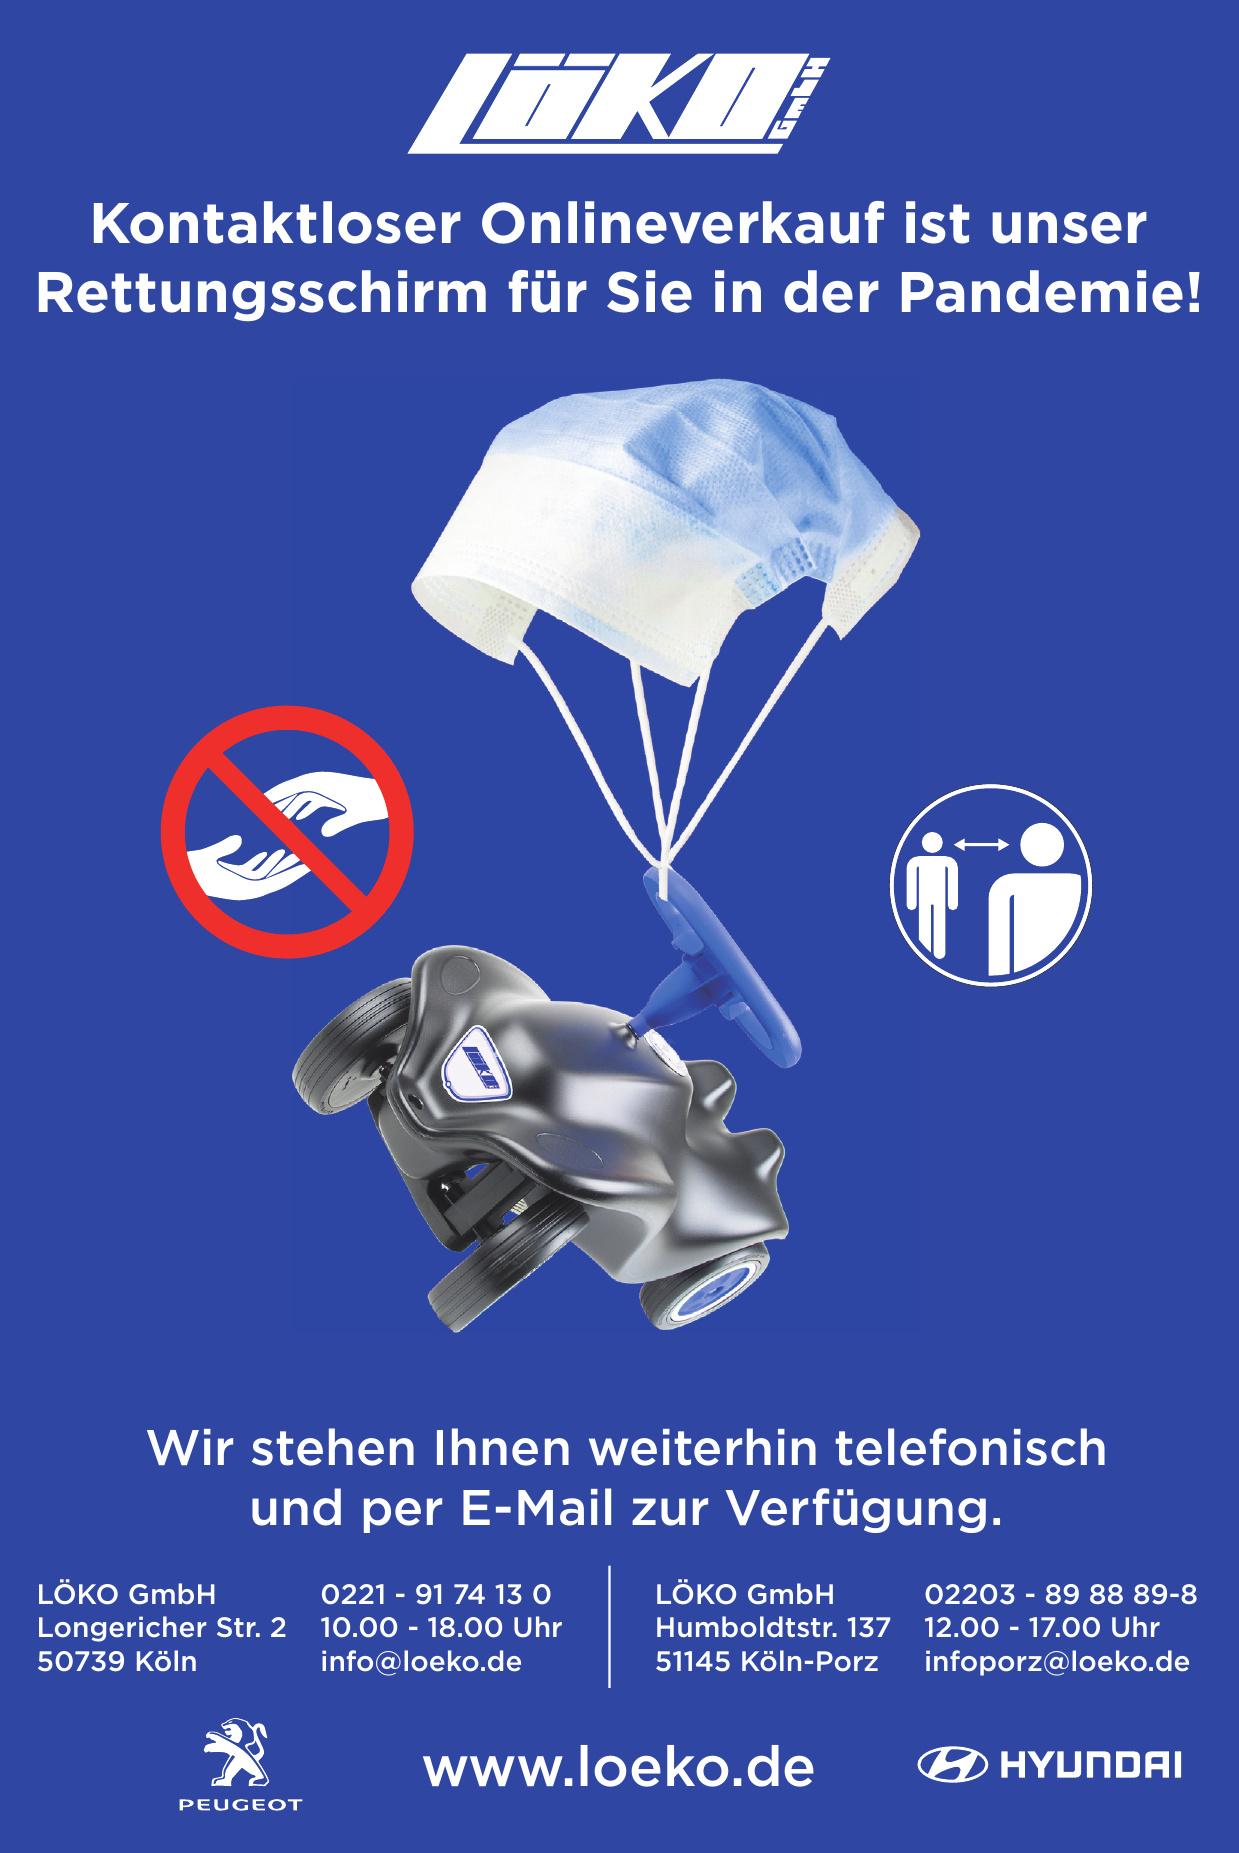 Löko GmbH